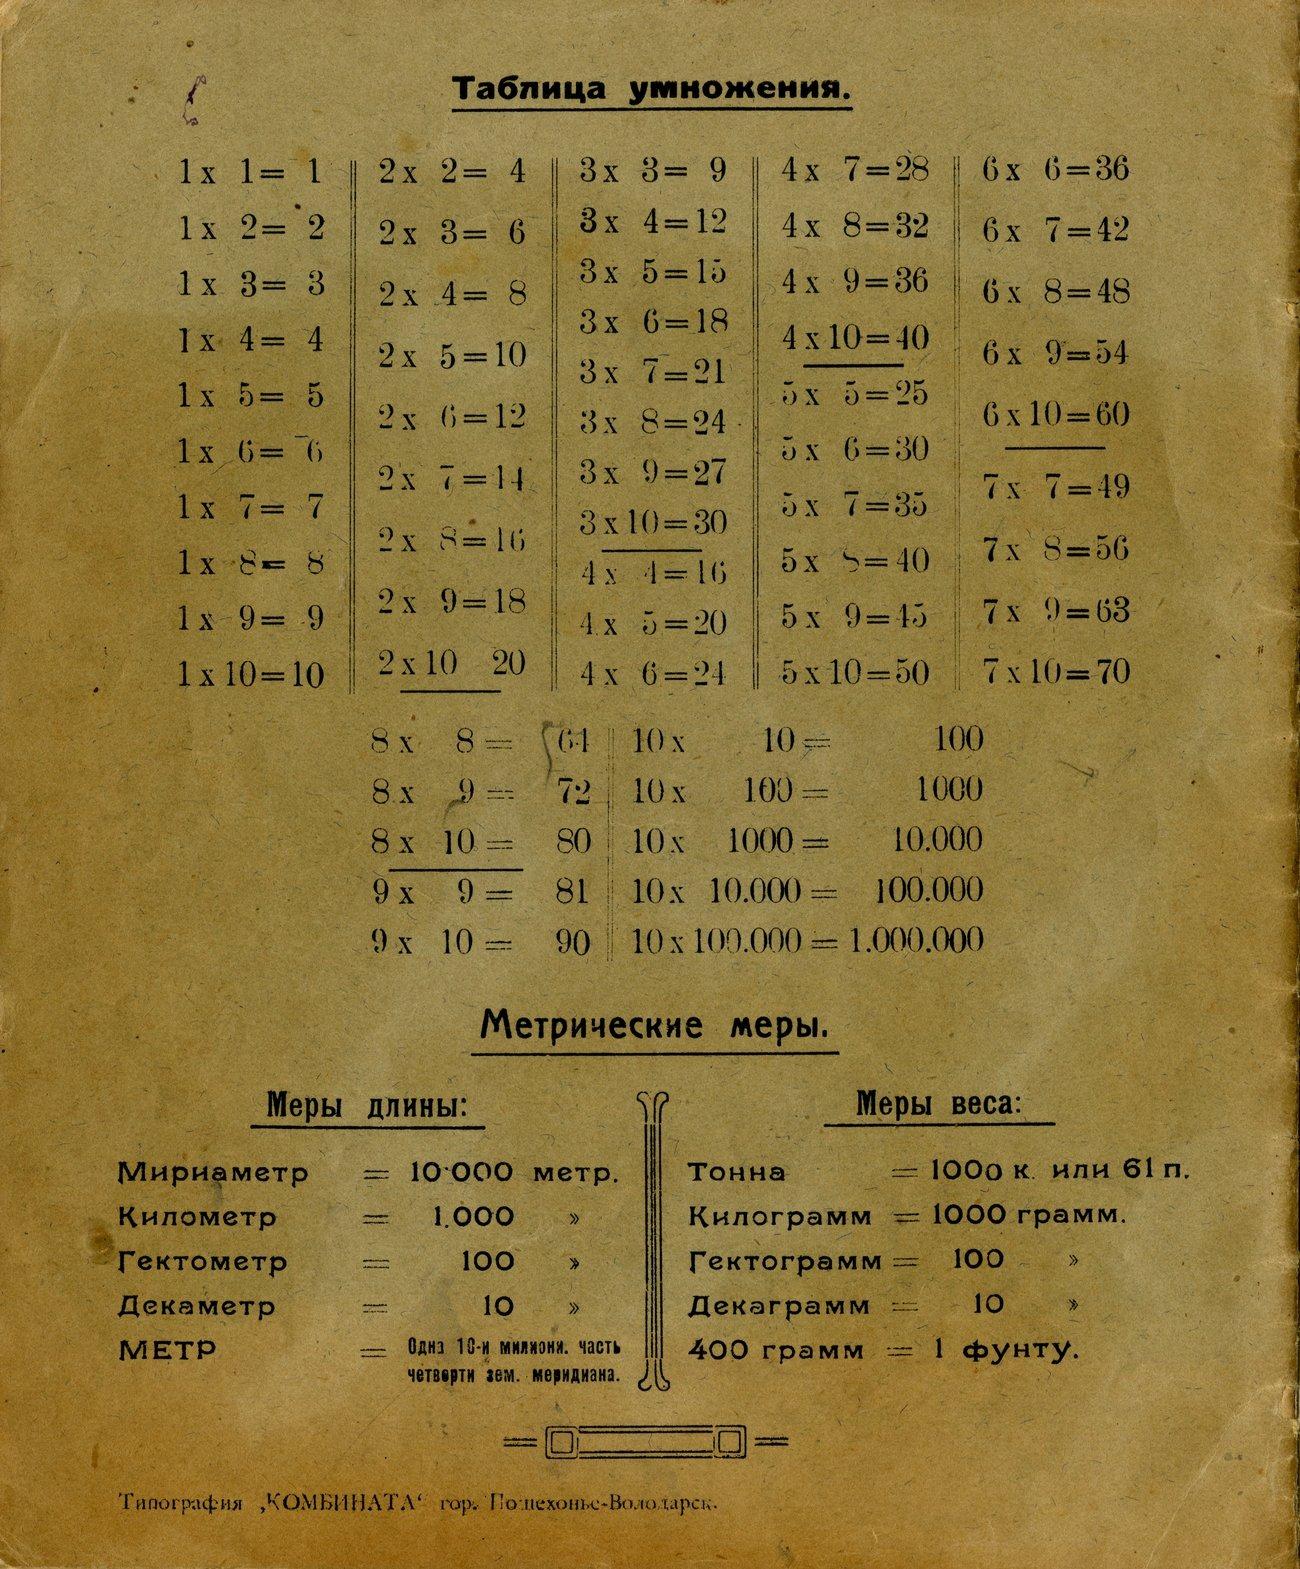 Тетрадь№2 для геометрии Крюкова 1926-27 002